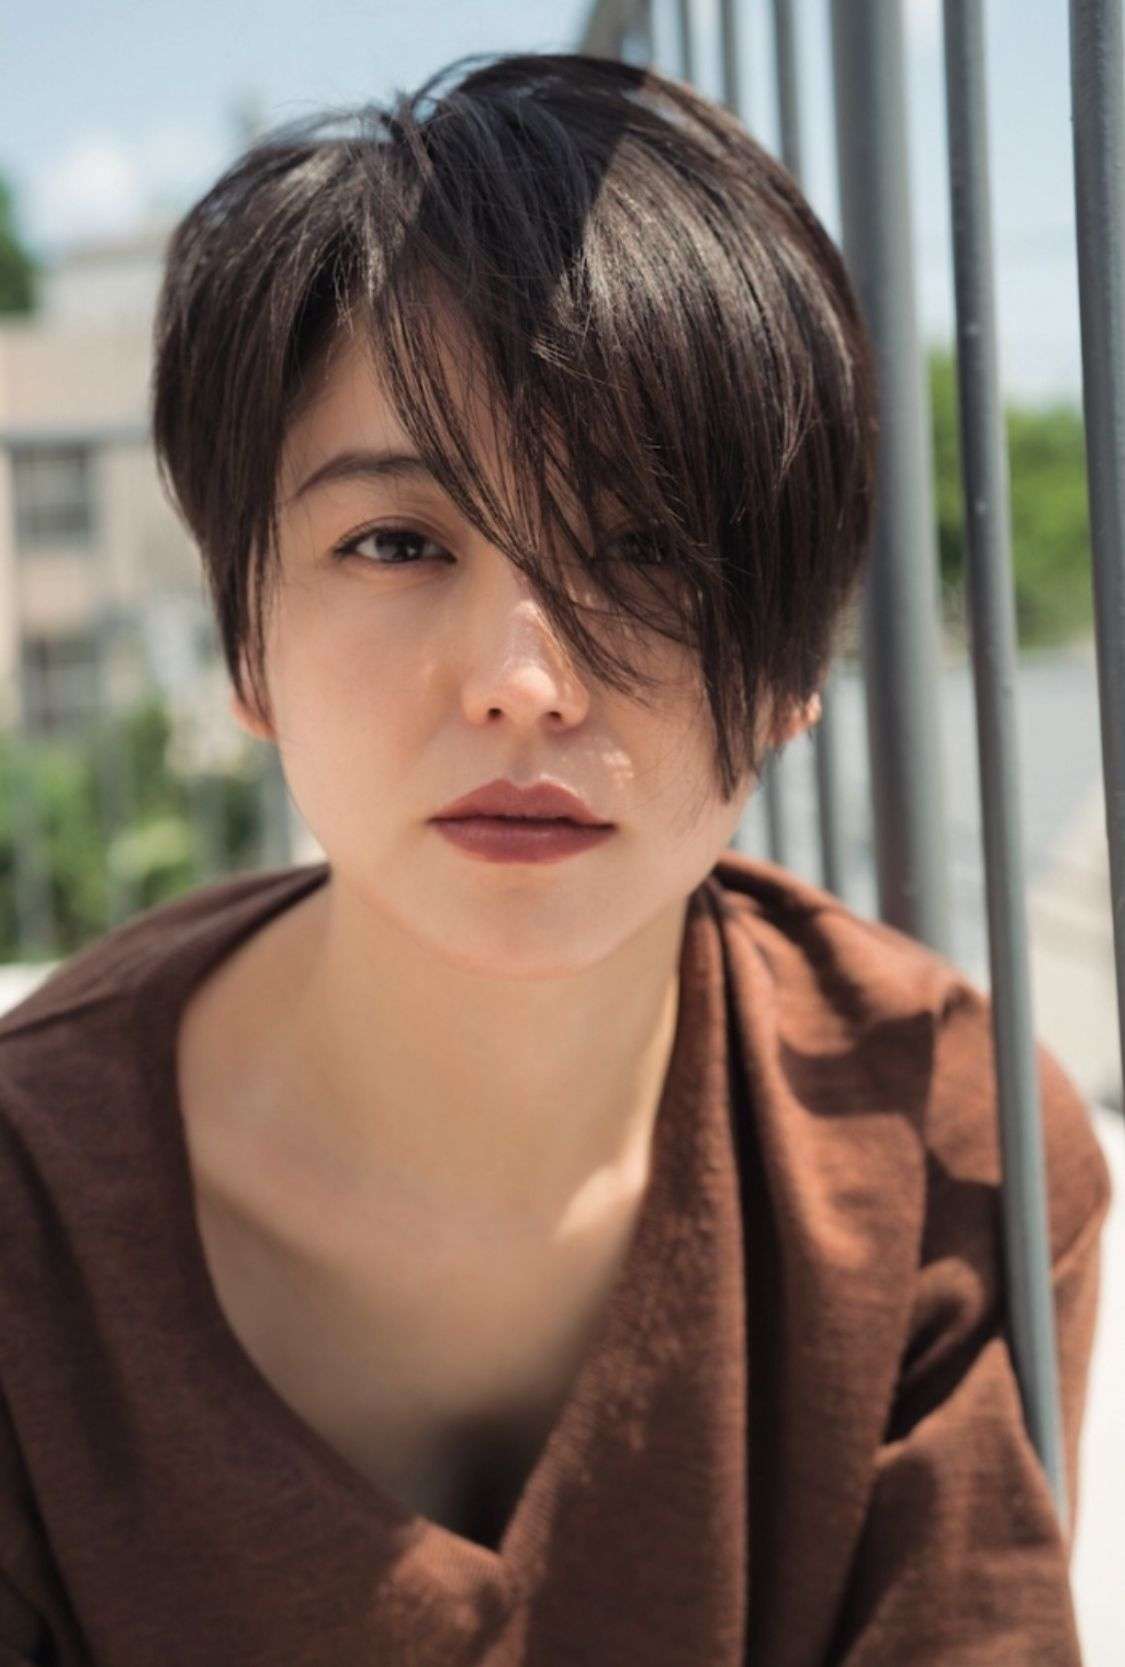 長澤まさみ ショート Oceans 9月号 美髪 ショートヘア 女の子 ヘア